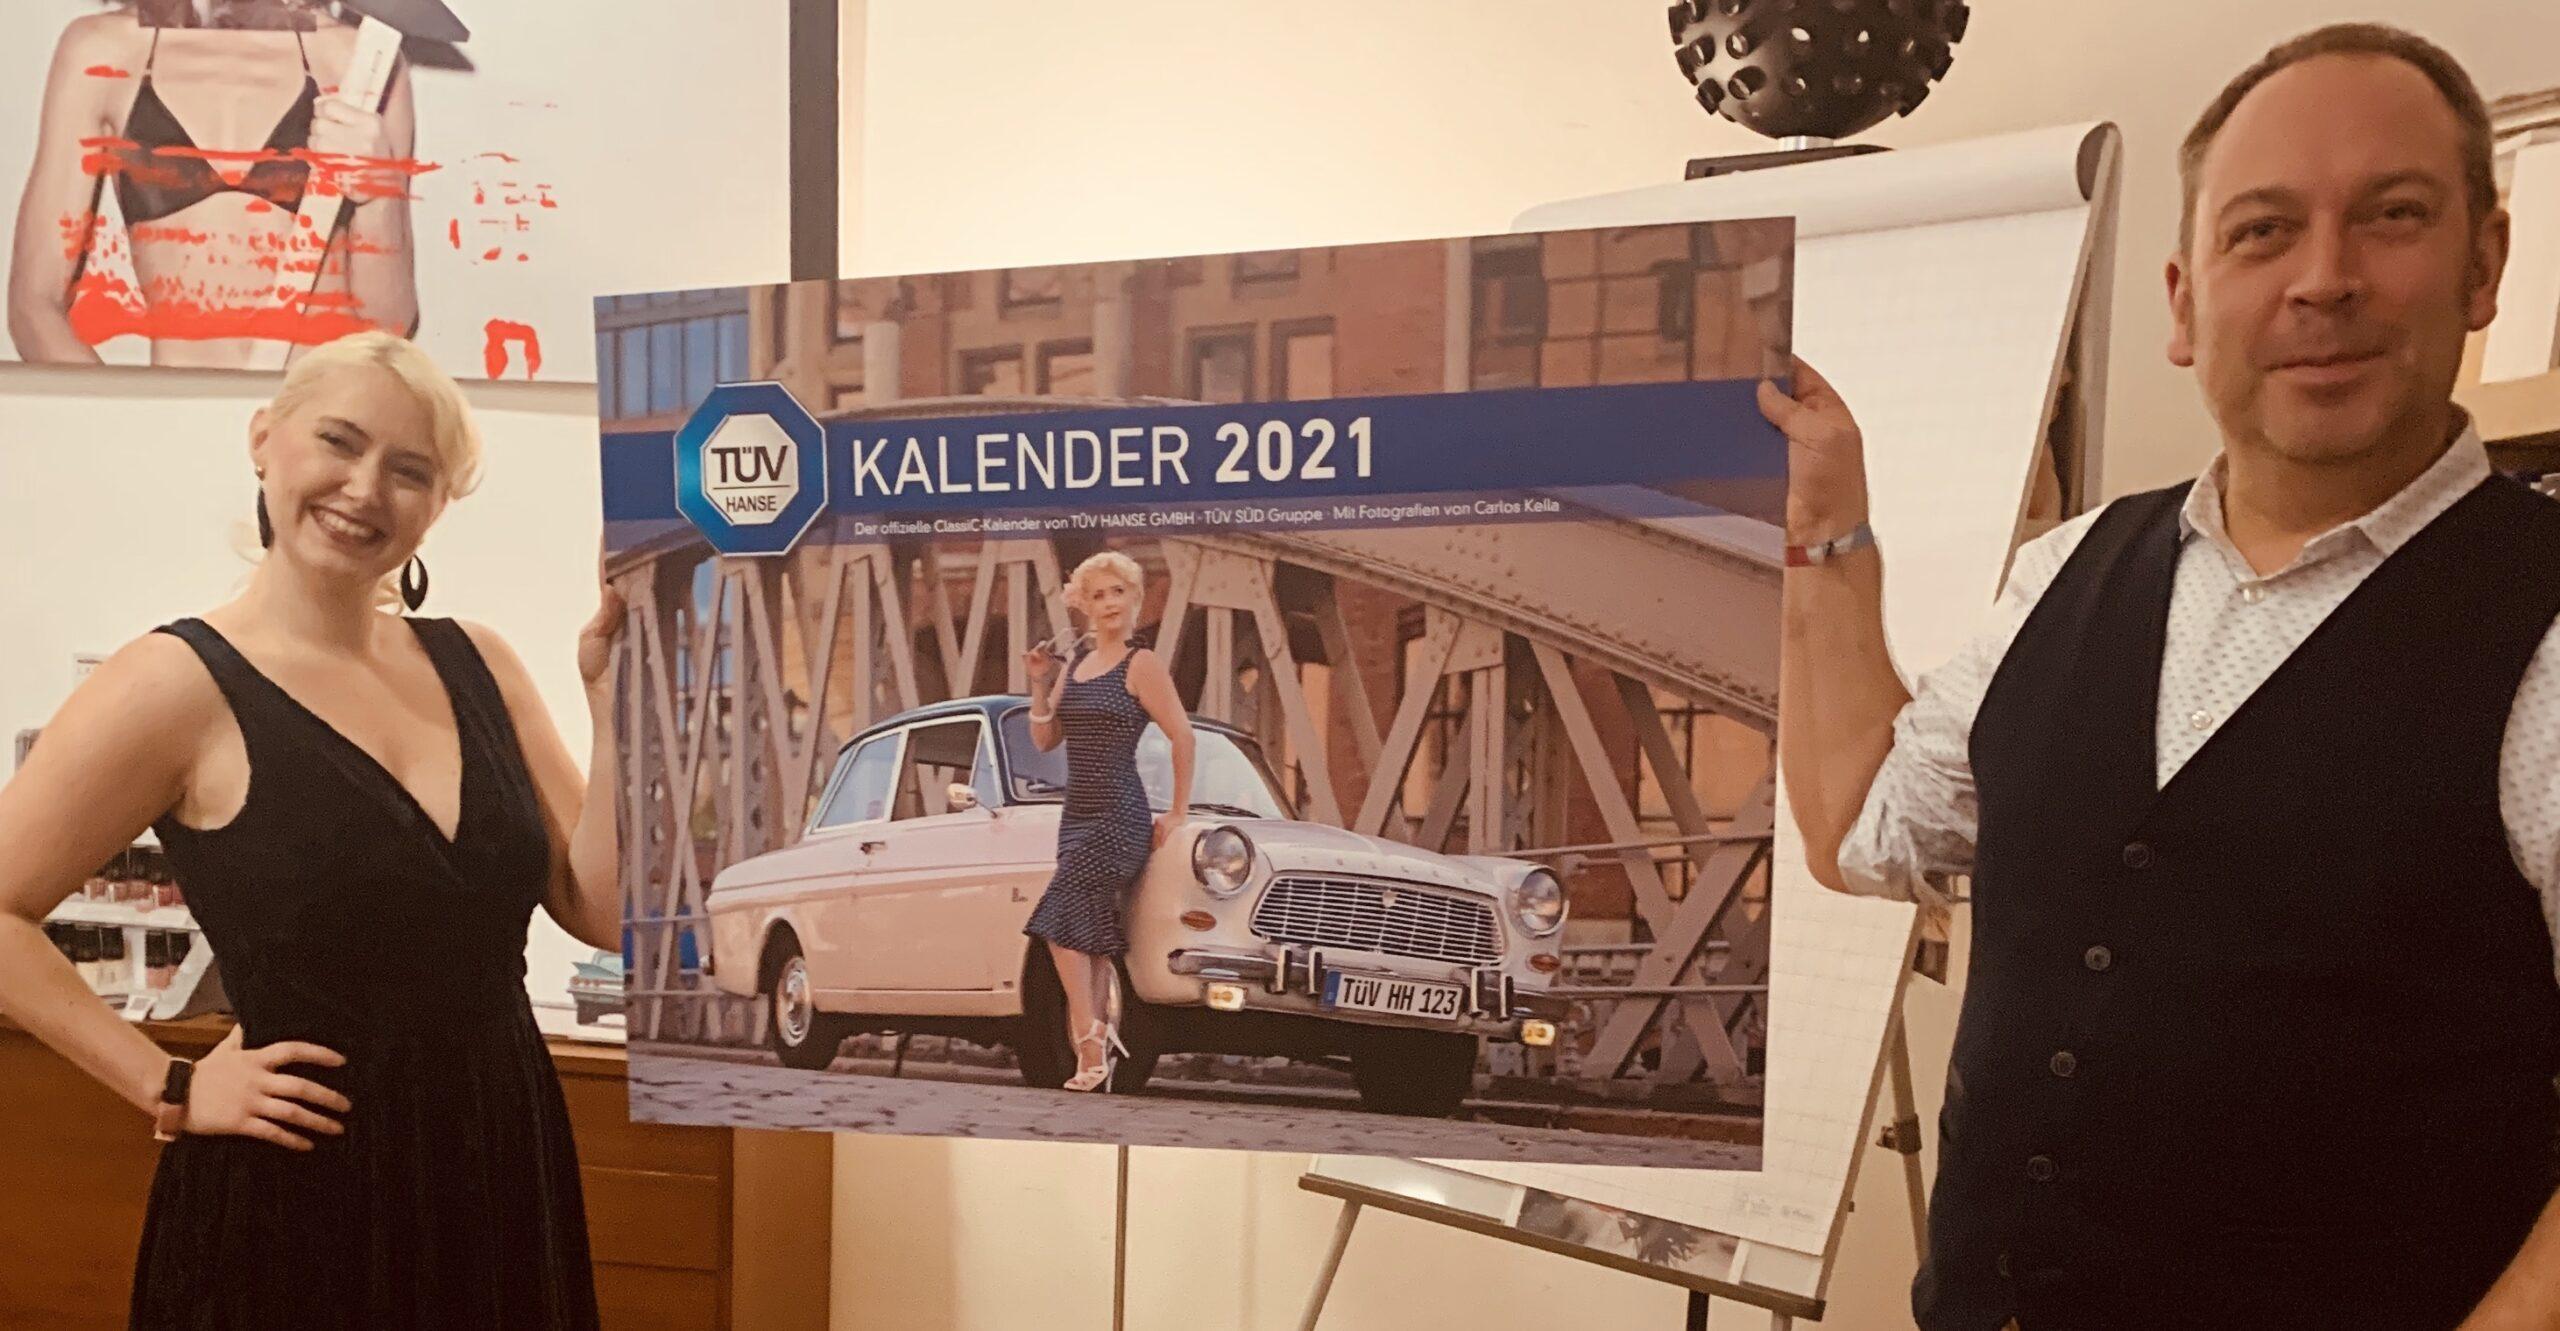 Covermodel Paula Walks und Fotograf Carlos Kella bei der feierlichen Enthüllung des Covermotivs für den TÜV Hanse ClassiC Kalender 2021.